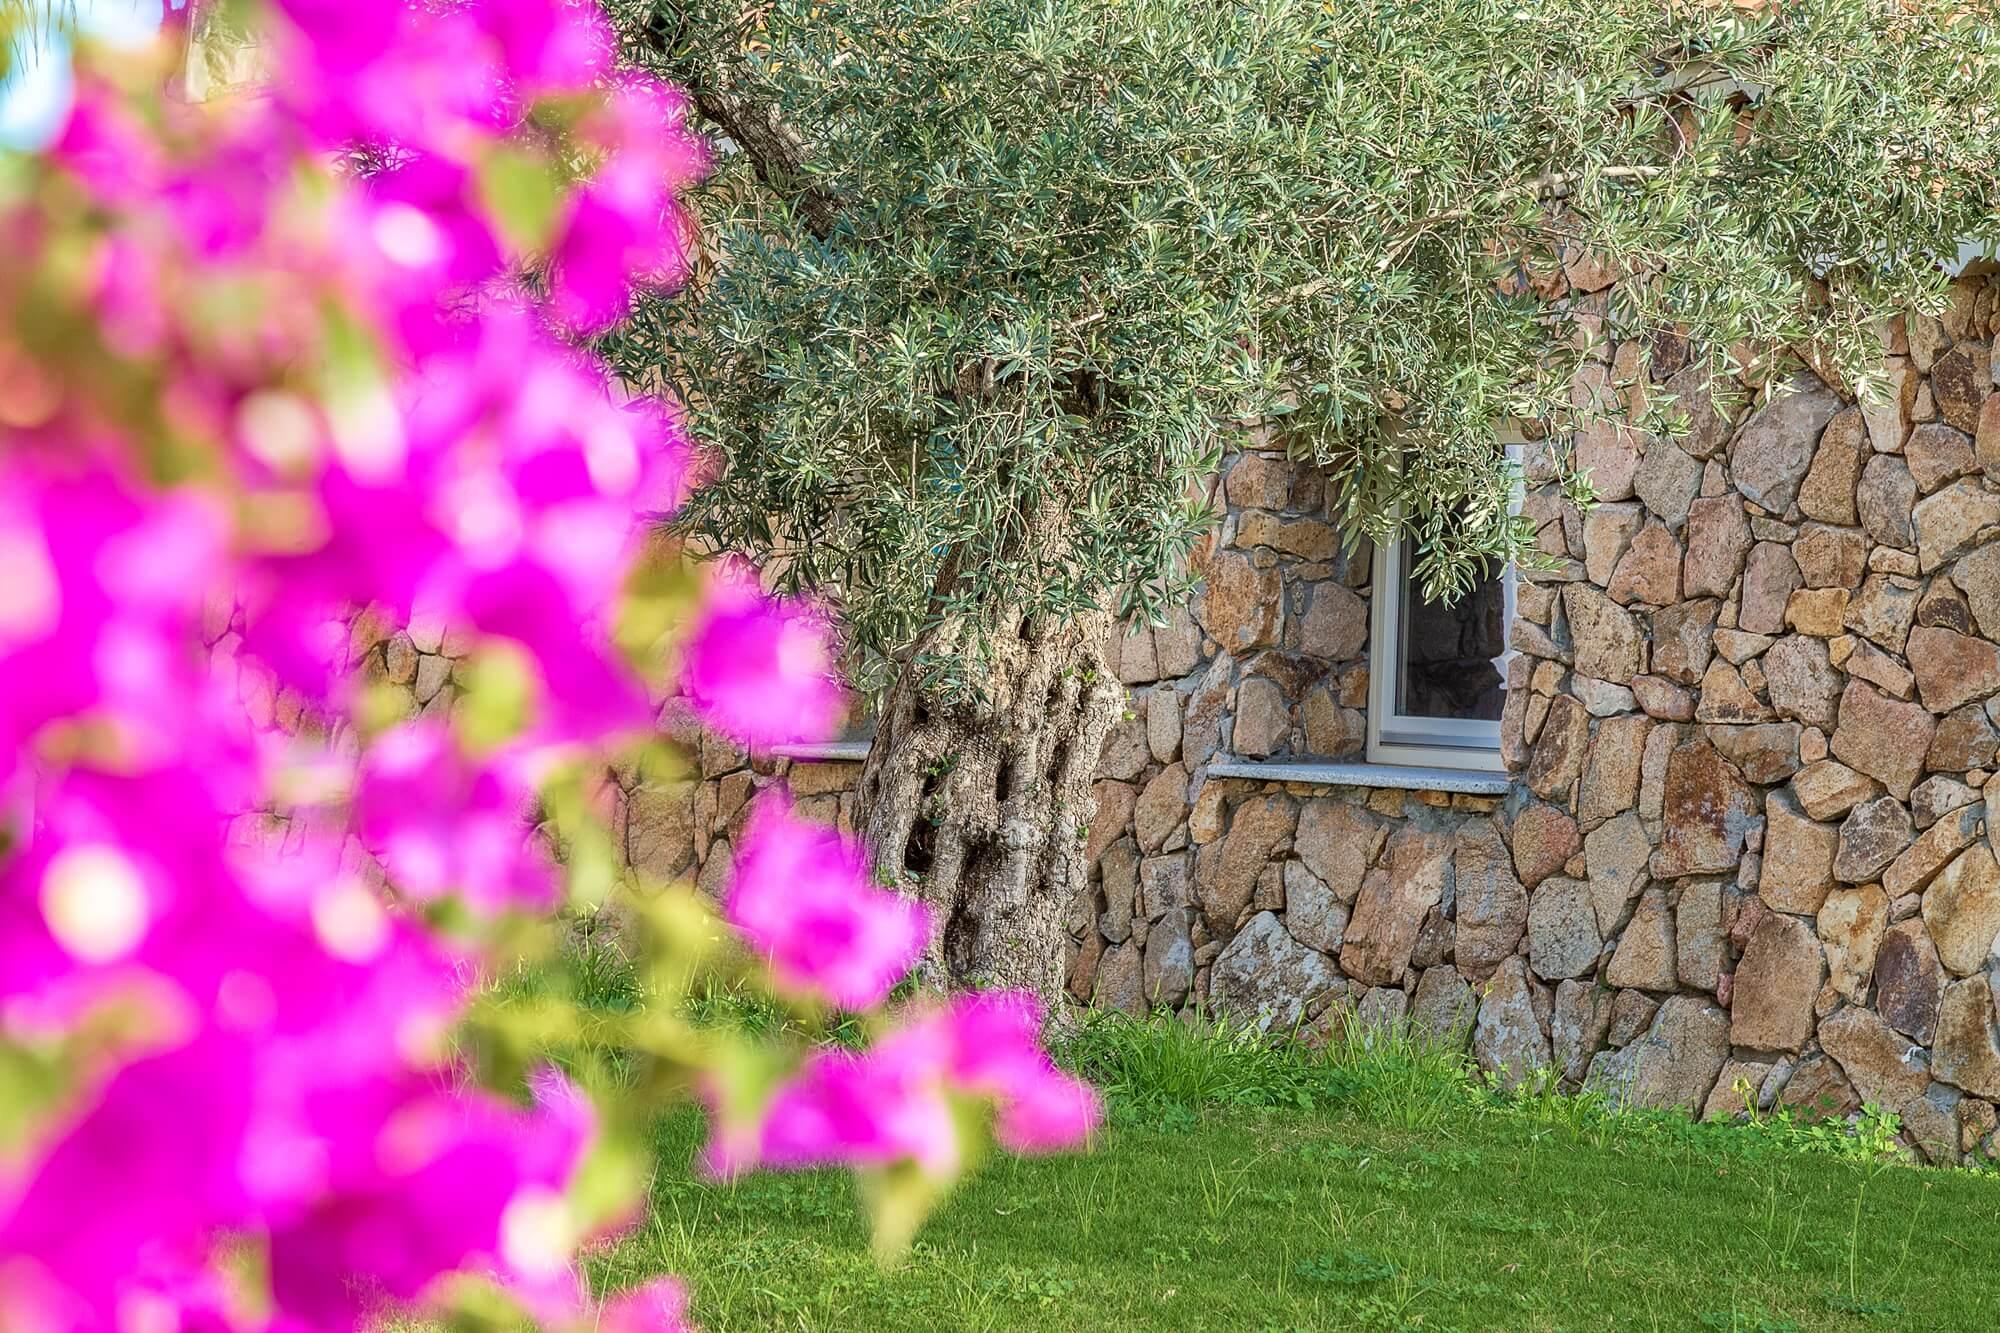 Immagini_hotel_corte_bianca_cardedu_006